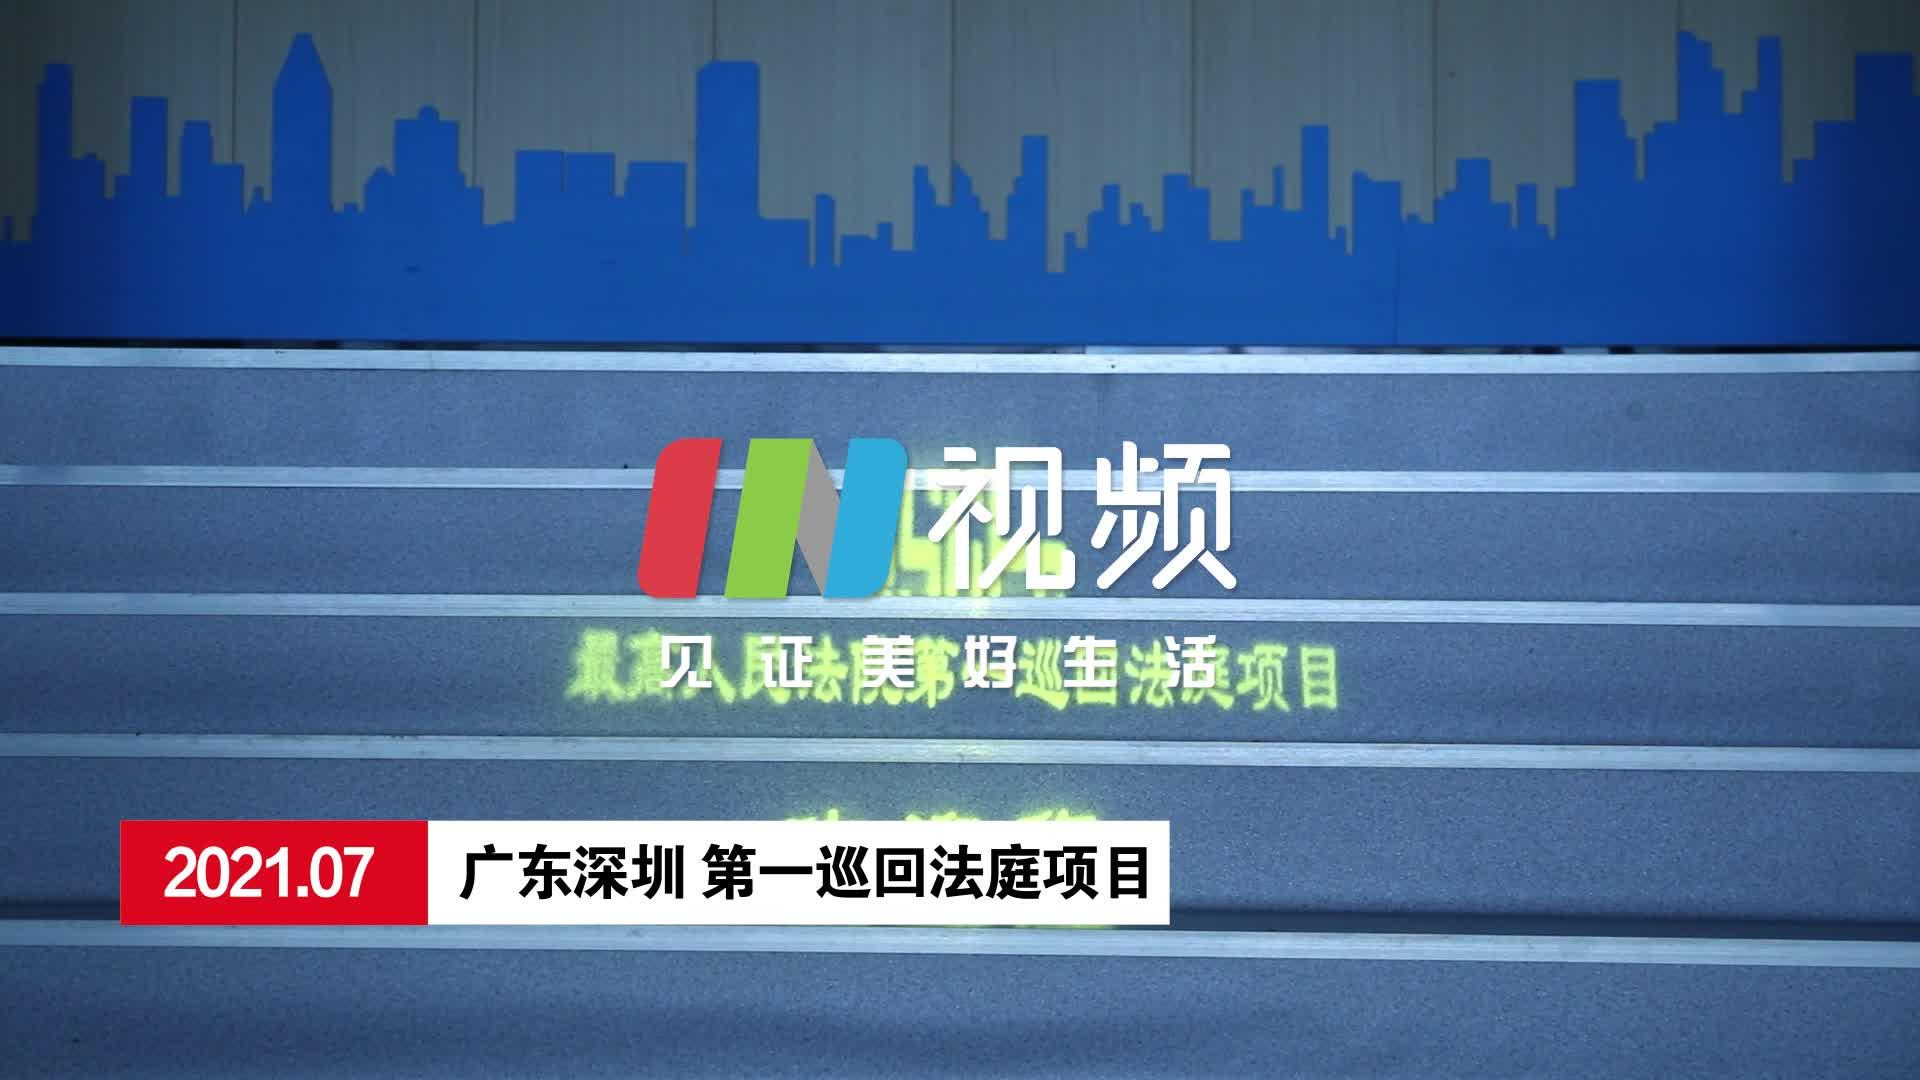 """深圳首例!第一巡回法庭项目智能化防尘""""天幕""""投入使用"""